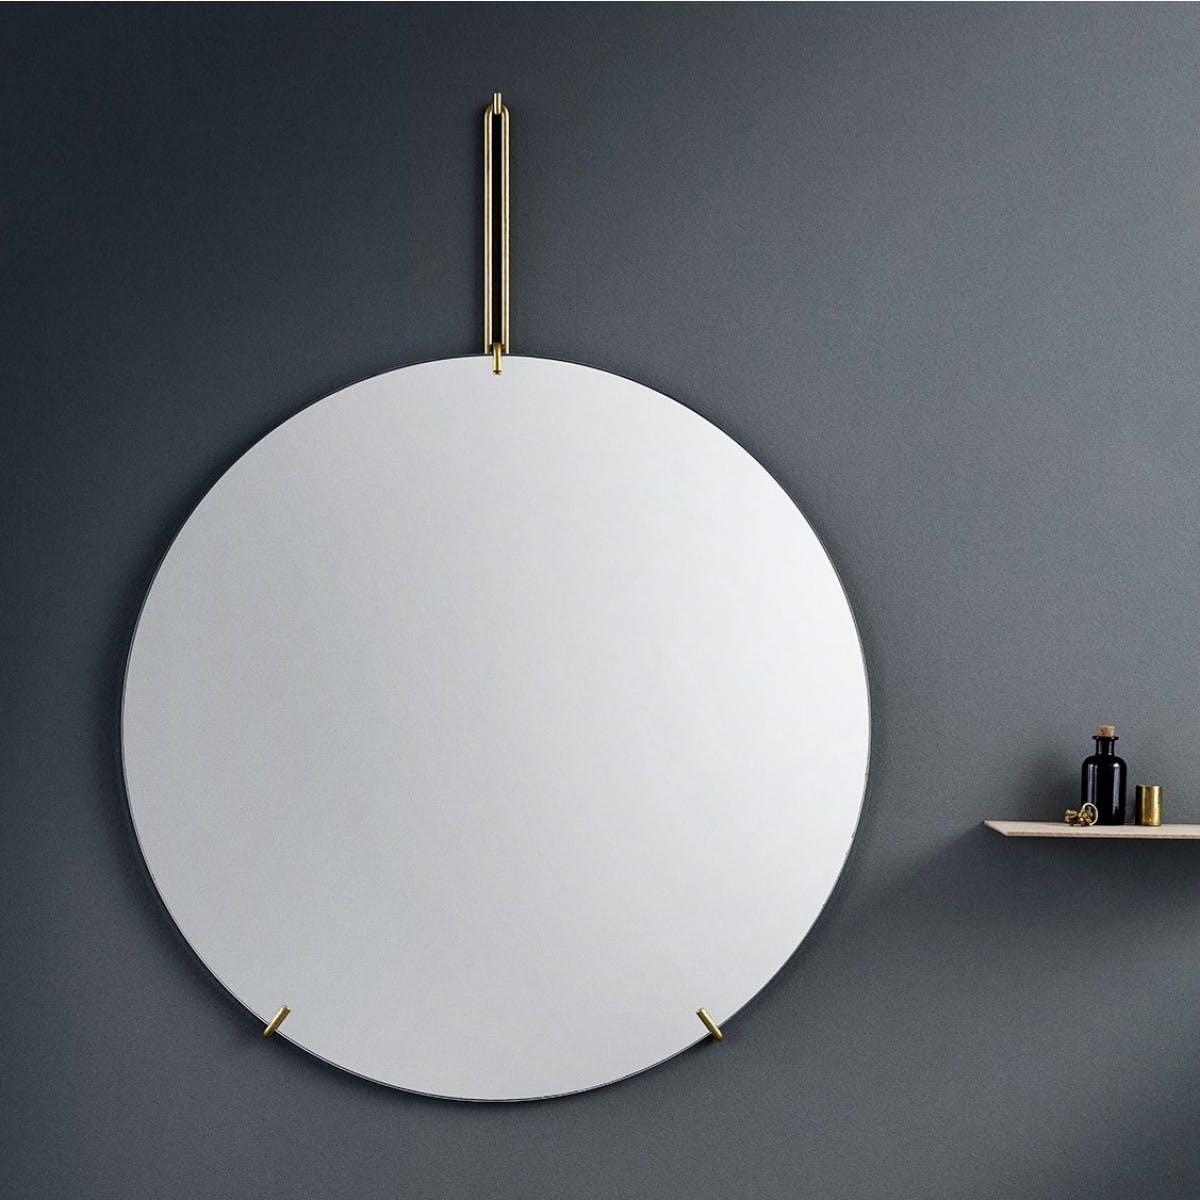 spejl make up spejl badeværelse moebe